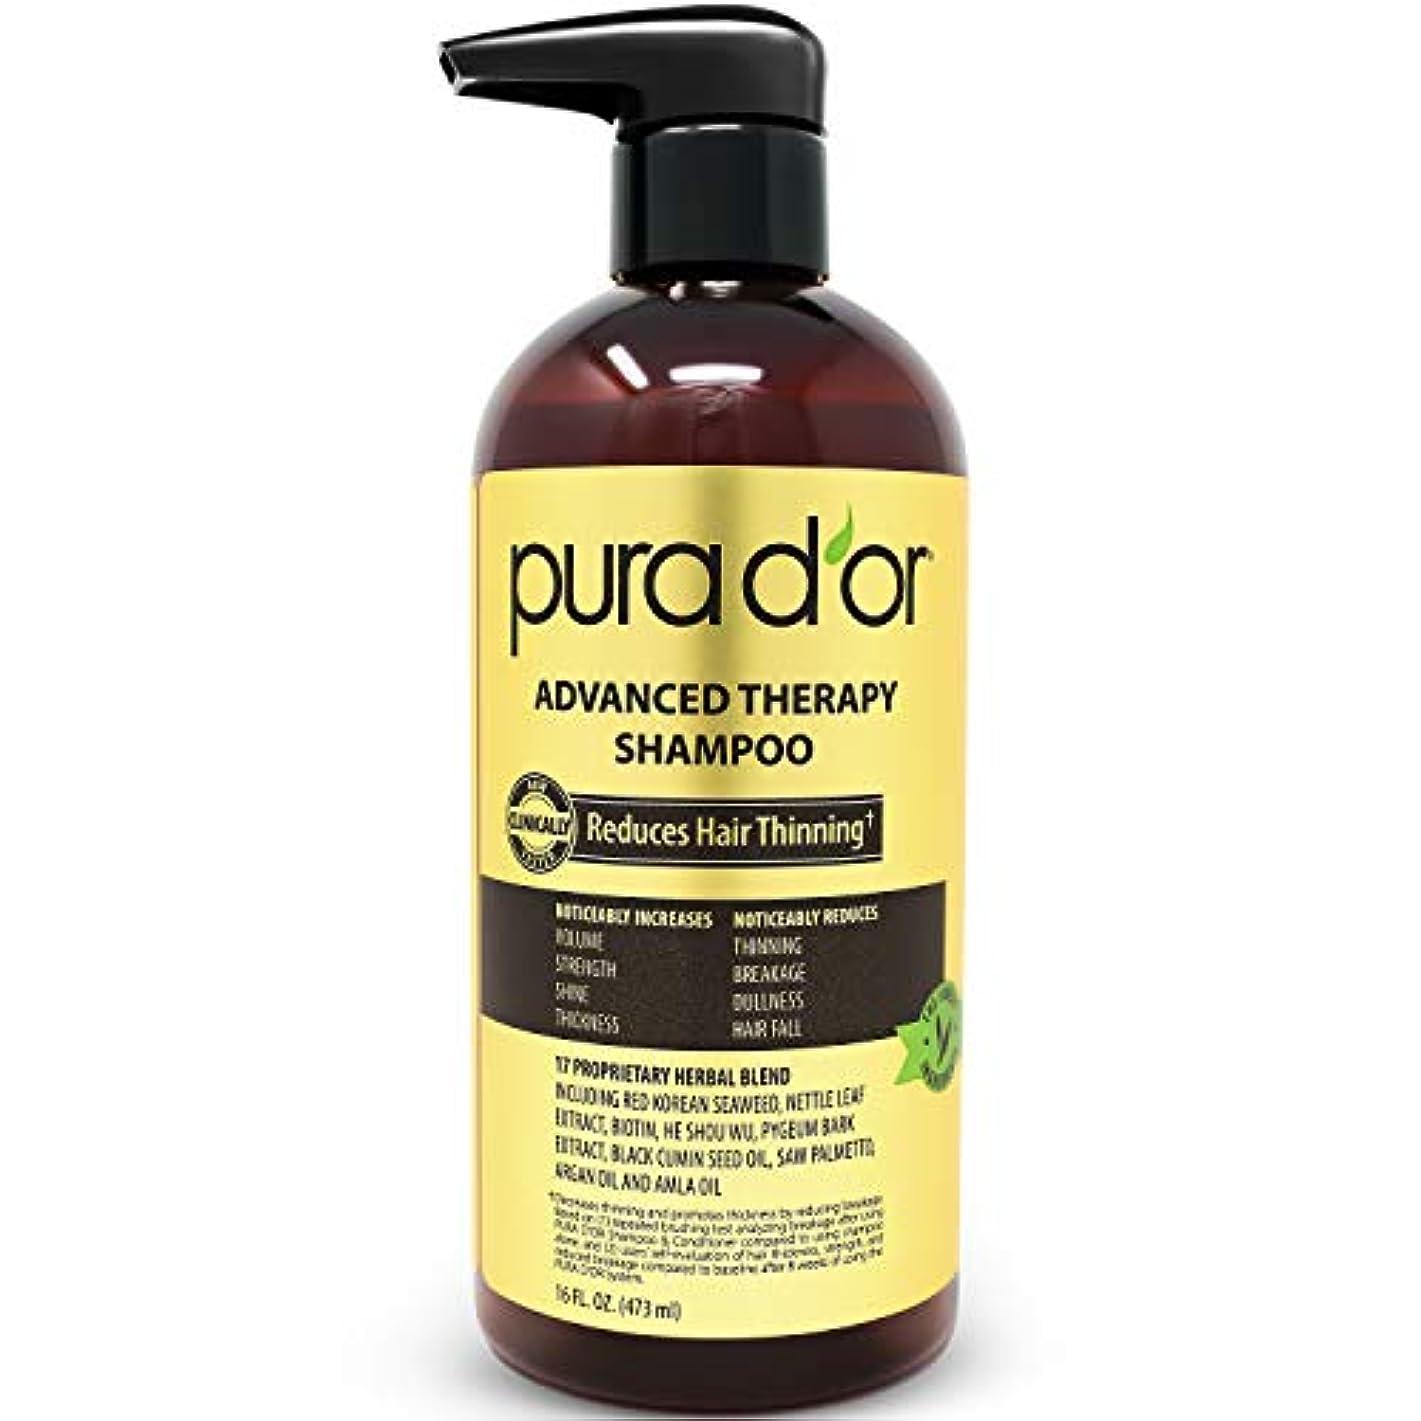 マイルストーンスタッフミルPURA D'OR 高度セラピーシャンプー 薄毛を改善し、髪にボリュームを、硫酸塩フリー、アルガンオイル&アロエベラ&ビオチン配合、すべてのヘアタイプに、男性&女性、473ml(16液量オンス) 473ml(16 液量オンス)